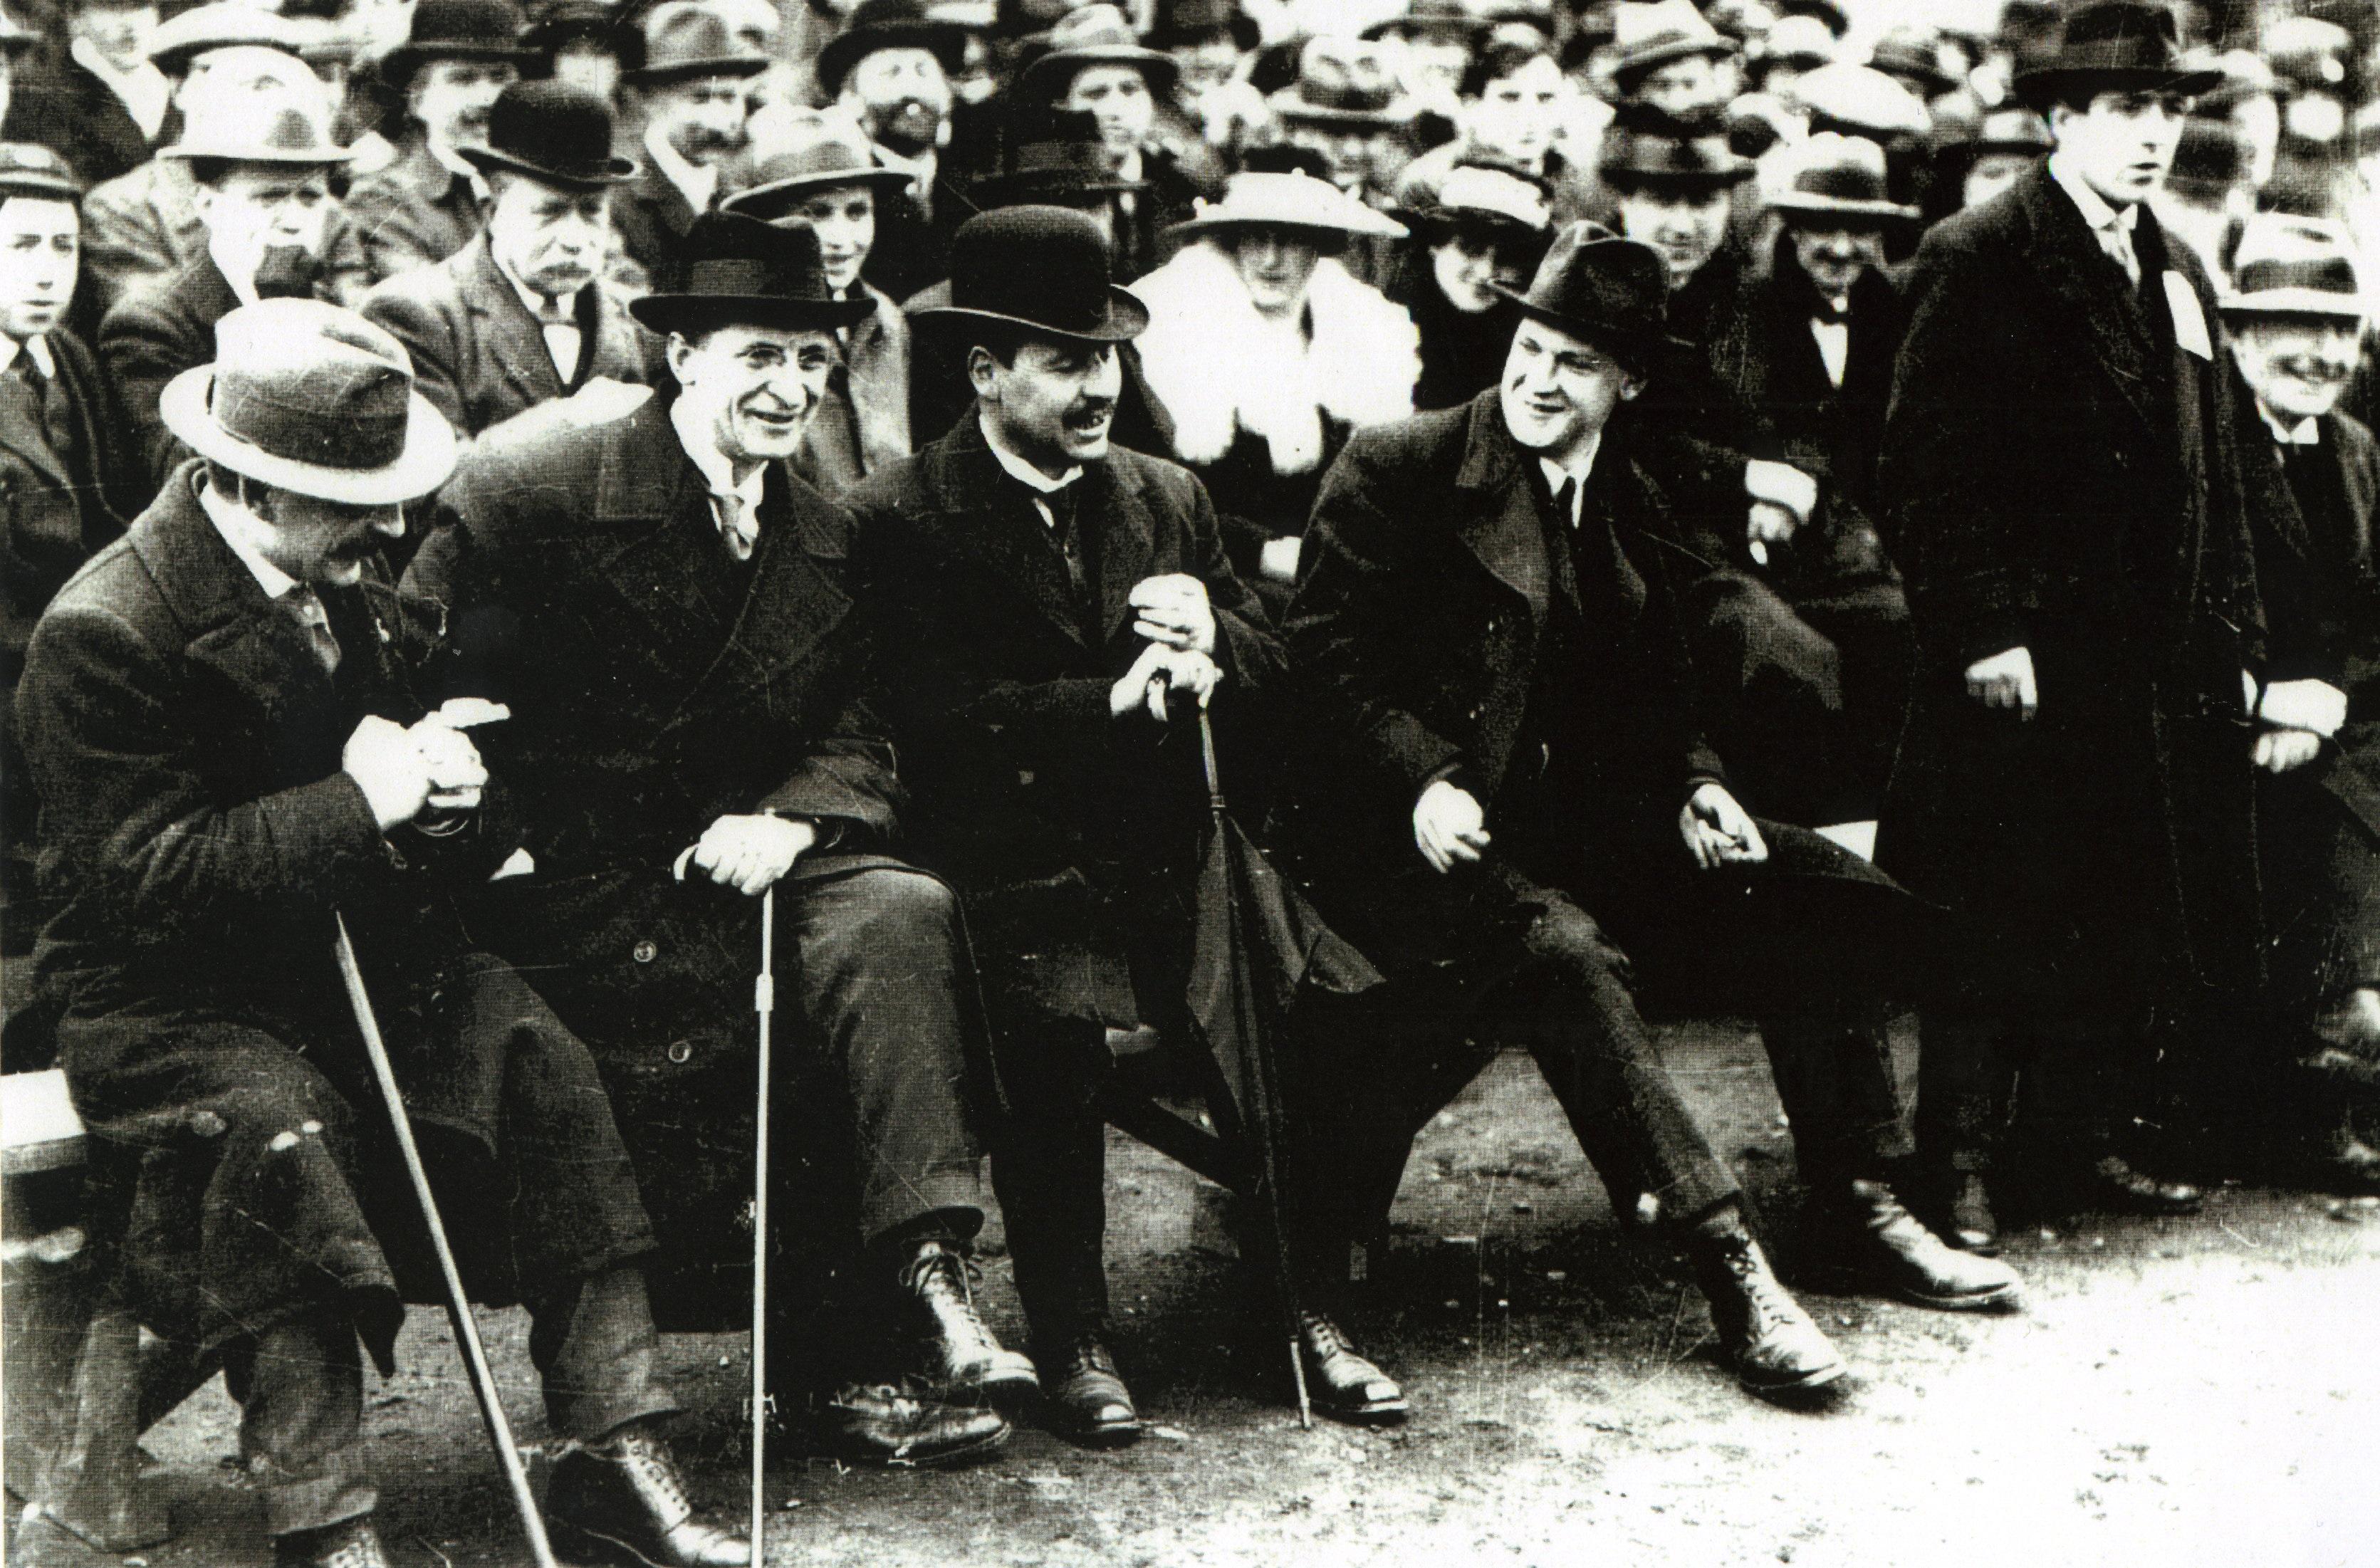 Republican Dignitaries at Croke Park, 1919